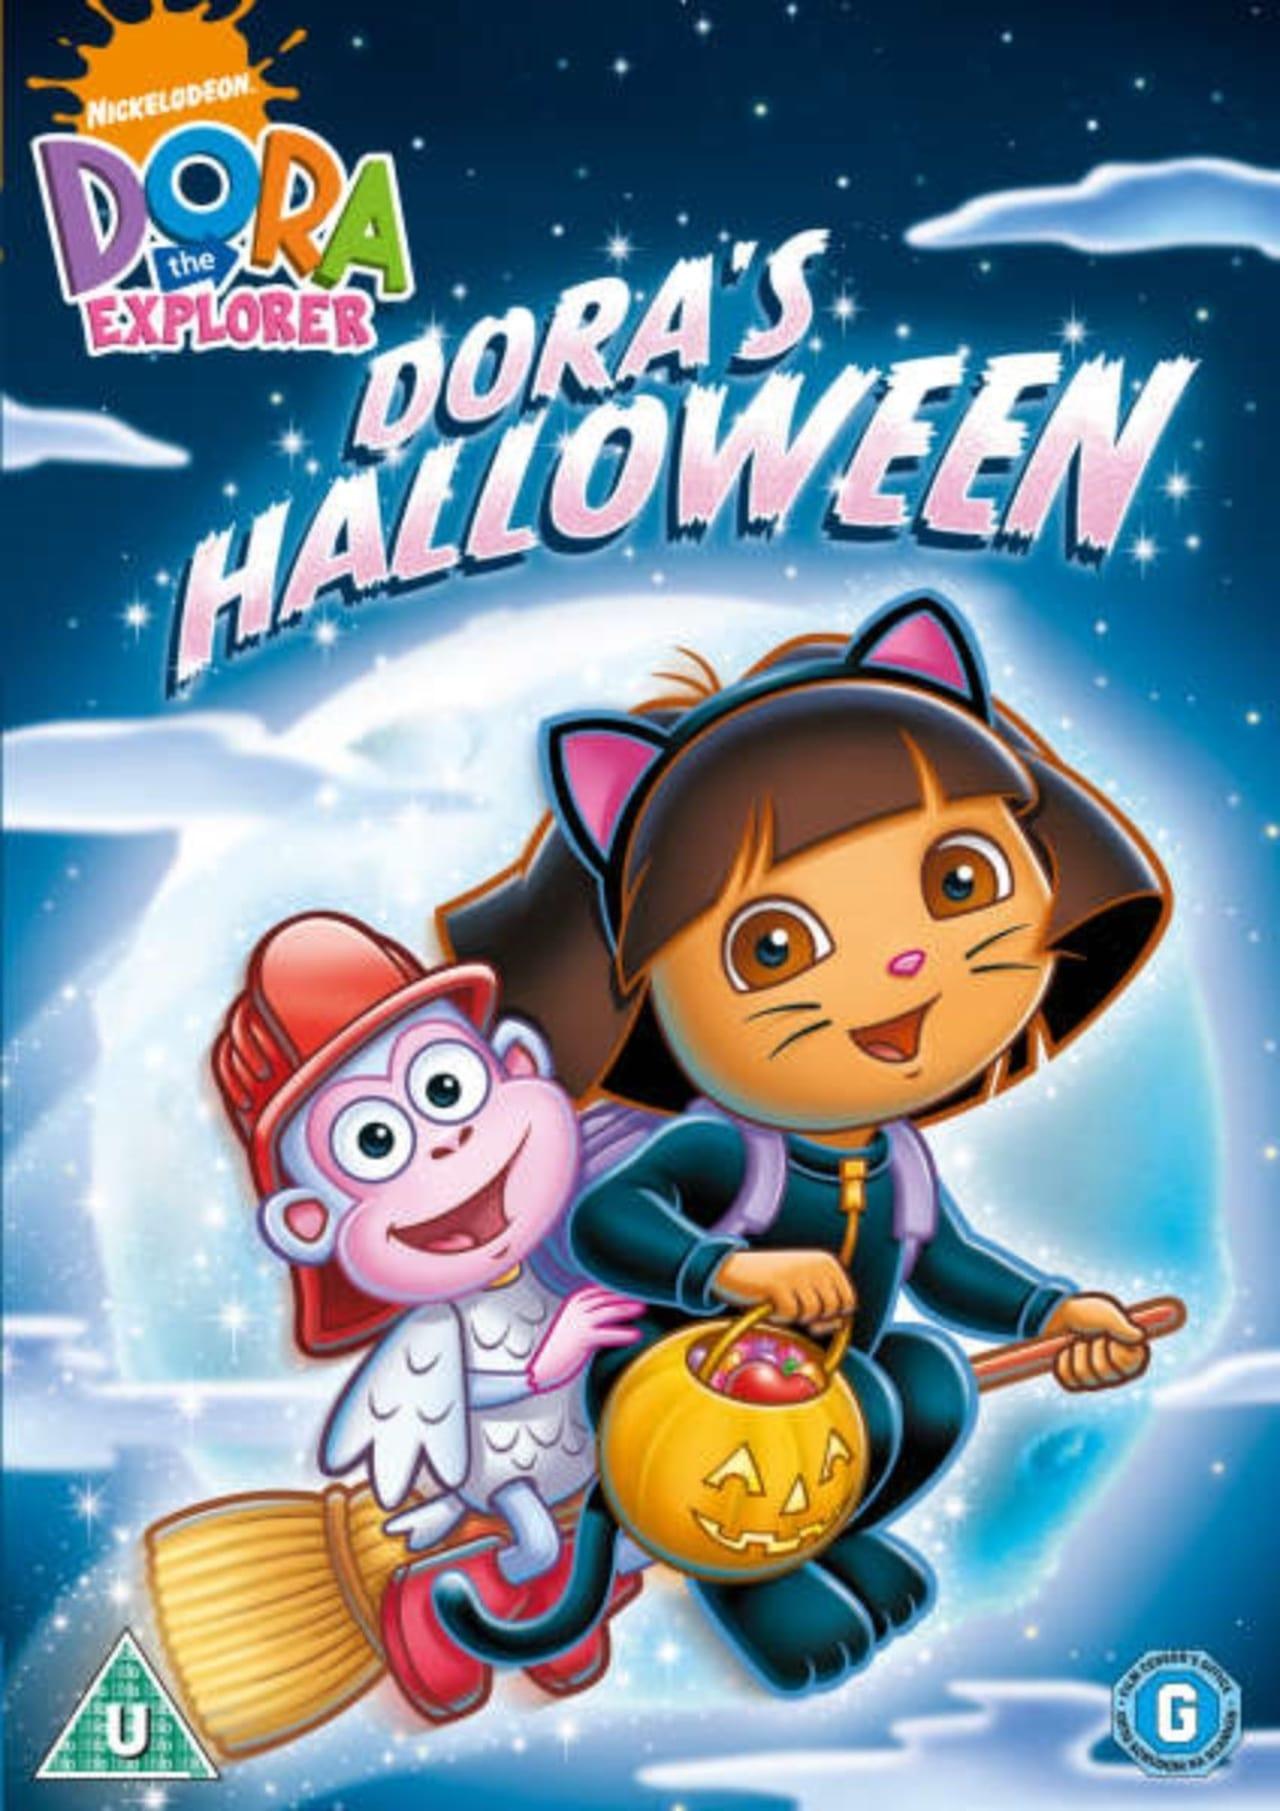 Dora the Explorer - Dora and the Little Halloween monster